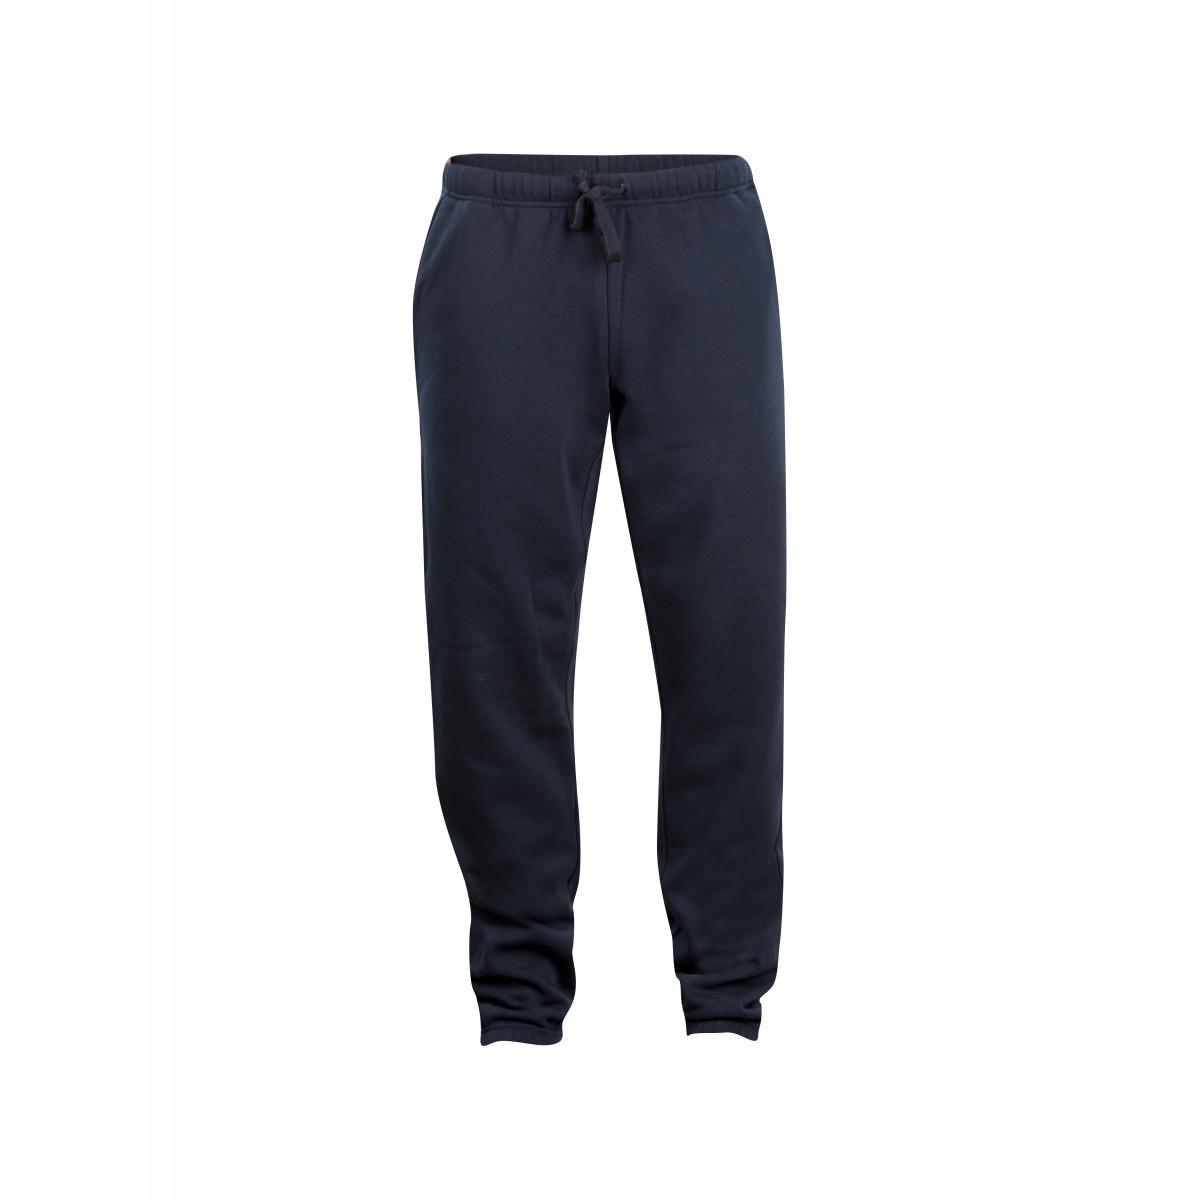 Брюки унисекс 021037 Basic Pants - Темно-синий